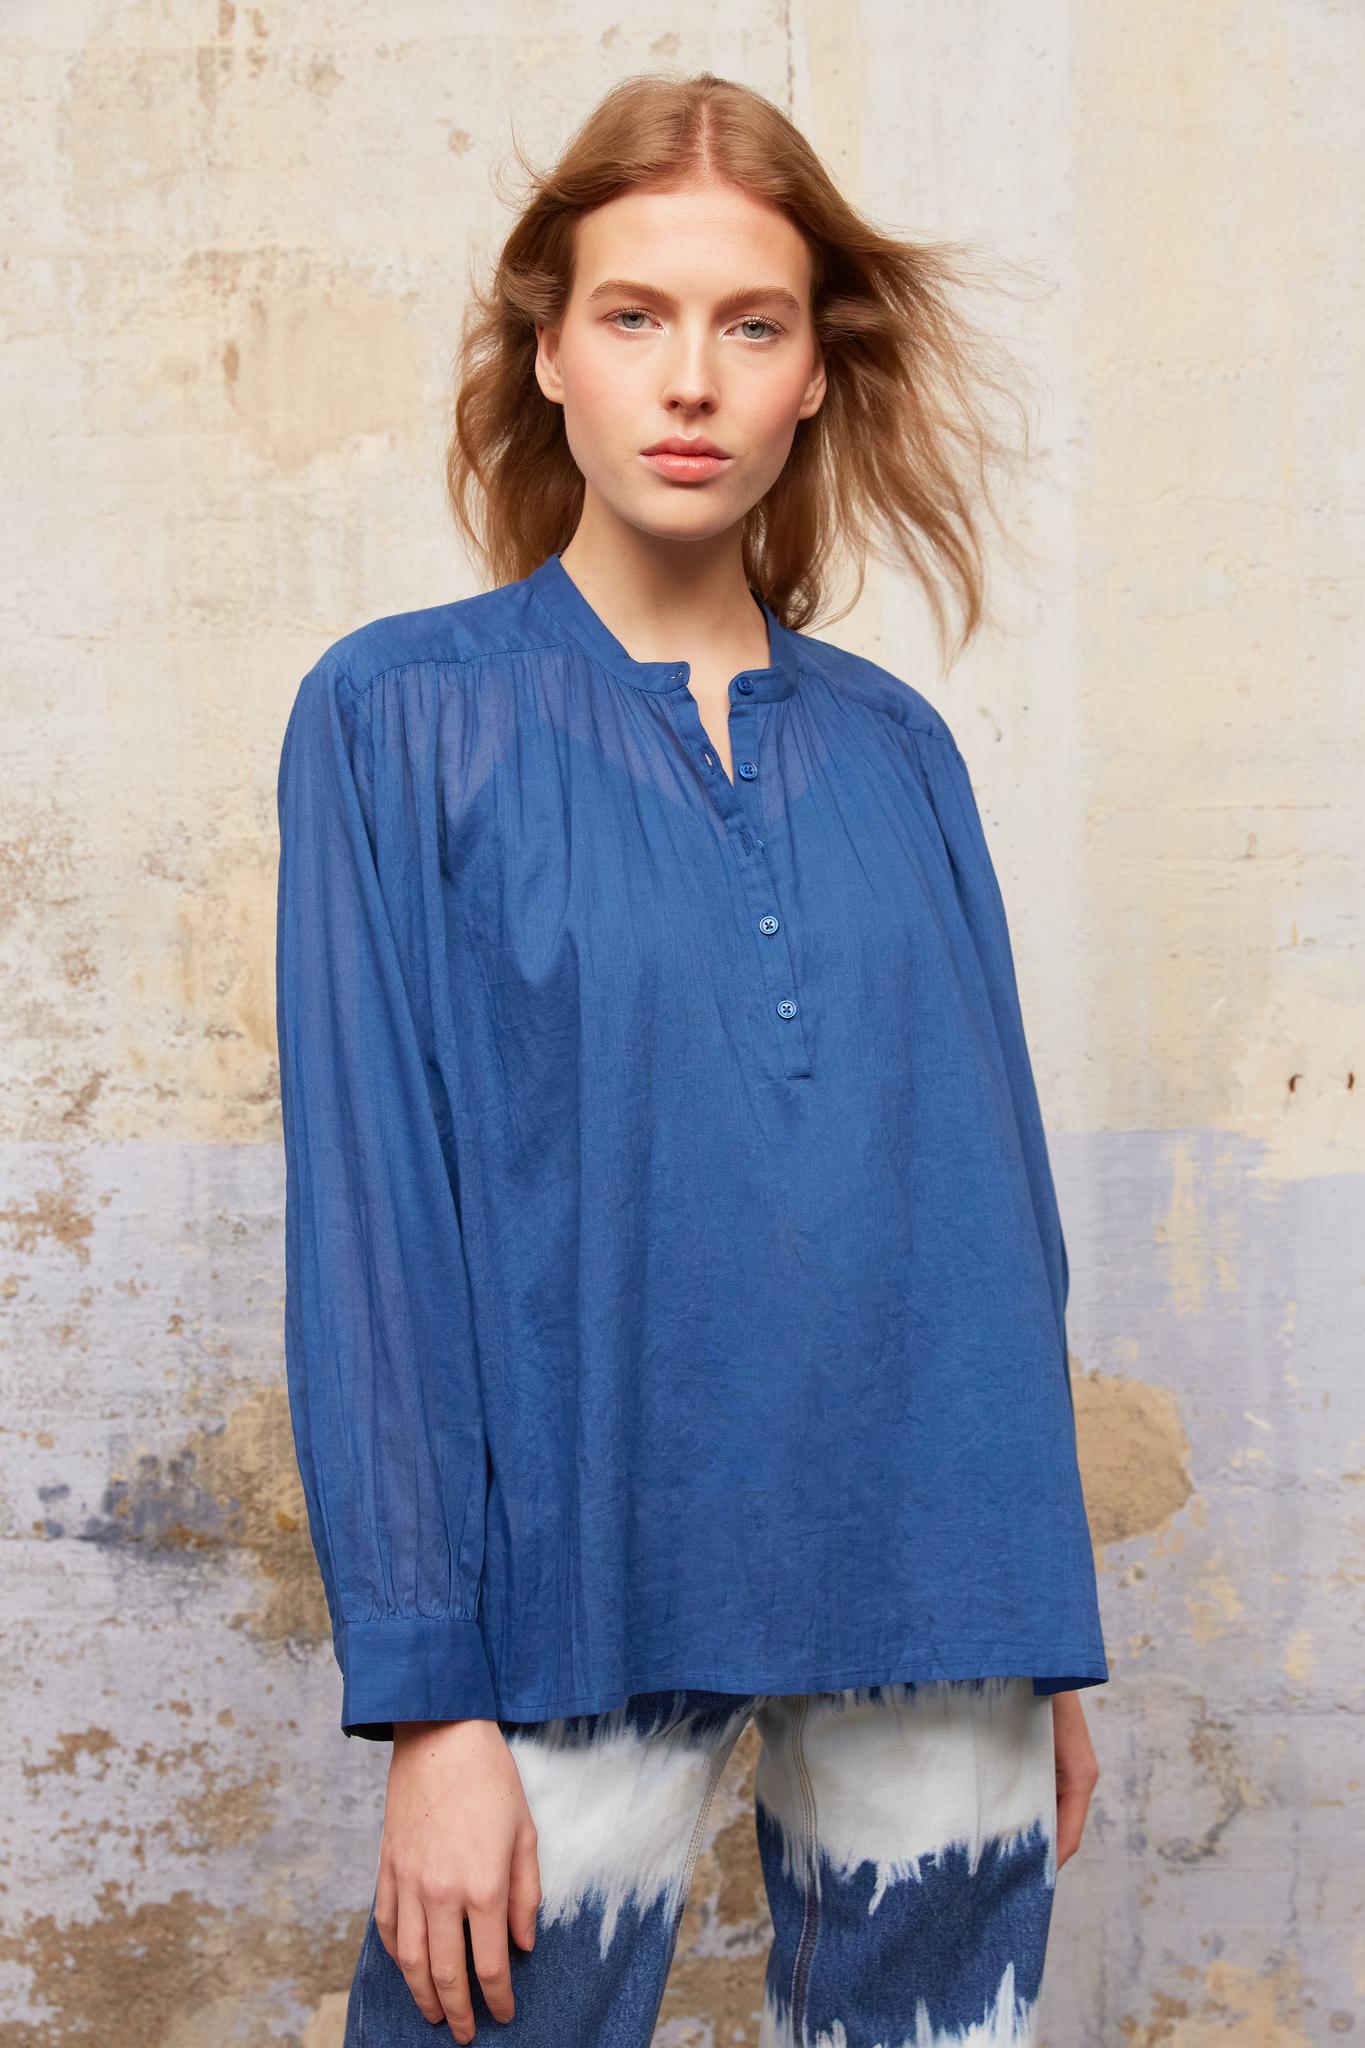 NAHEL - Хлопковая блуза оверсайз